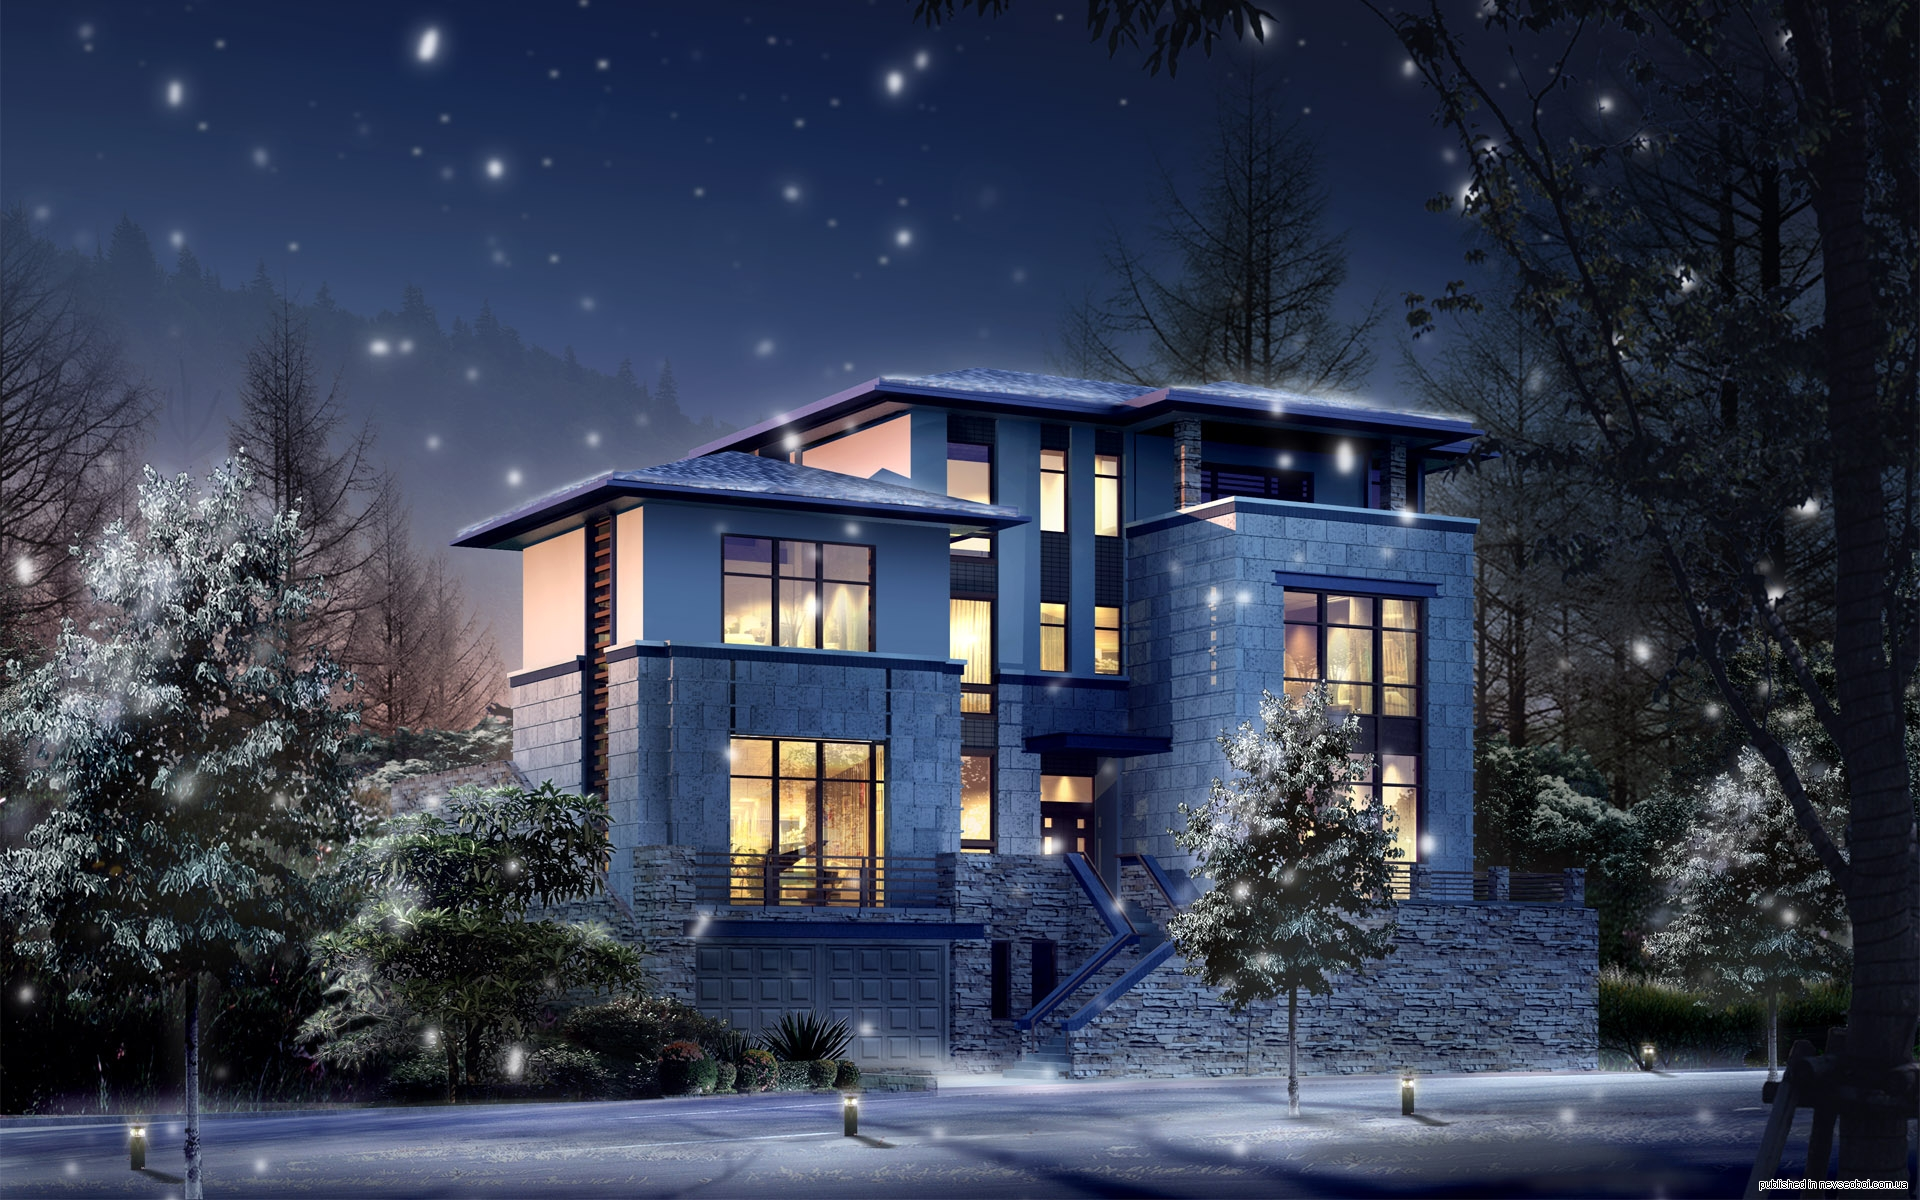 House Architecture Desktop Backgrounds